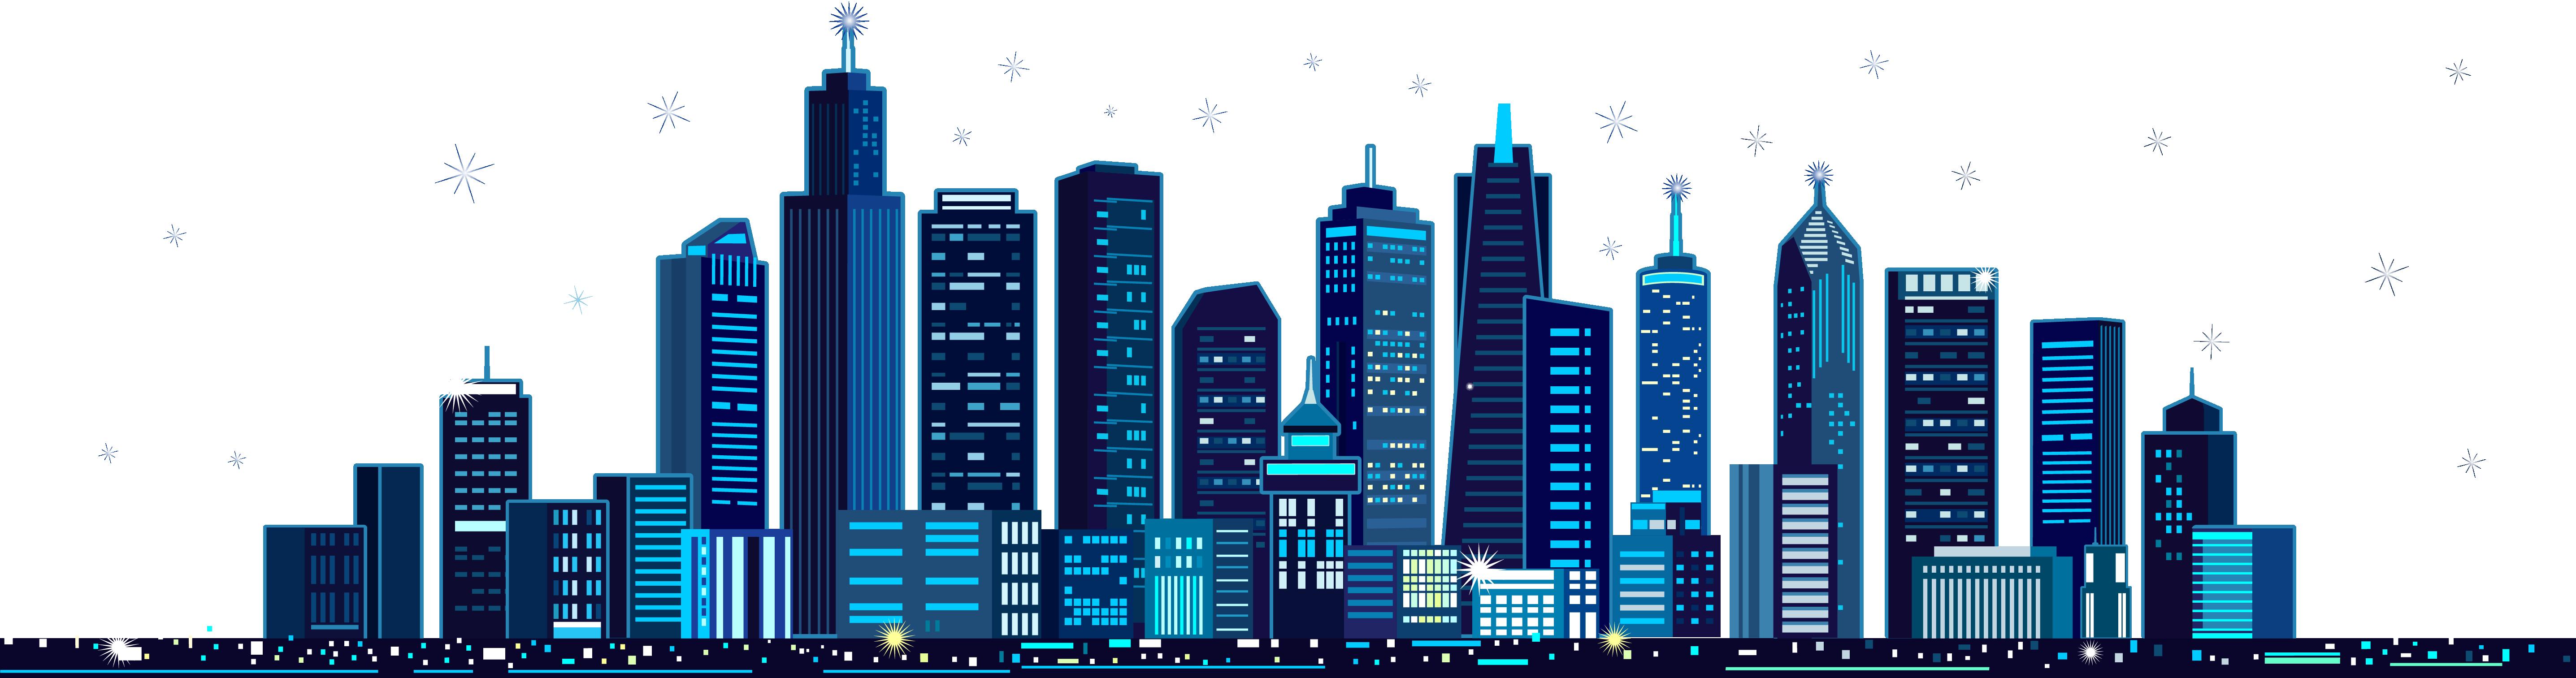 Blue Building City Festival M - City Building Vector Png , Transparent Cartoon - Jing.fm